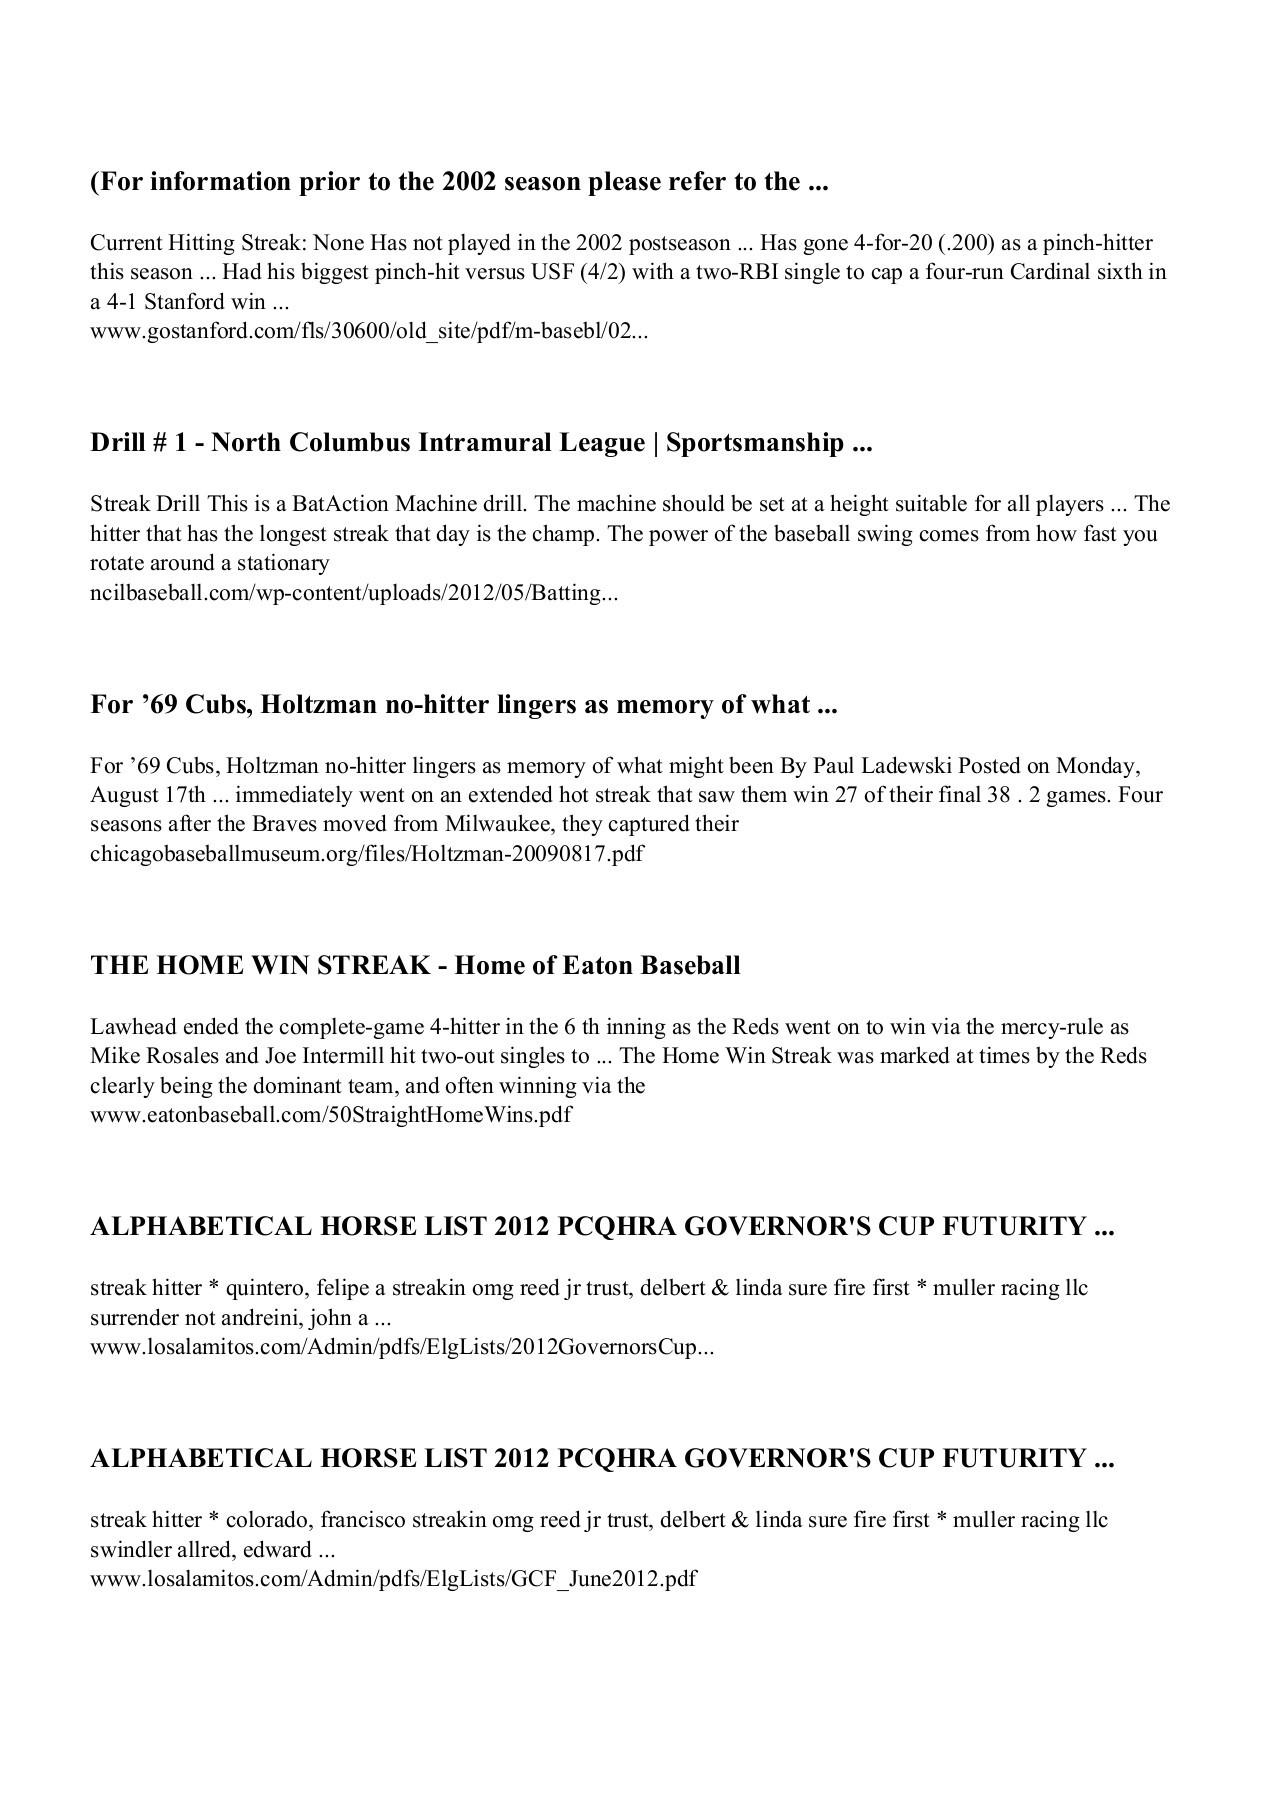 Download Streak Hitter pdf Free | FlipHTML5